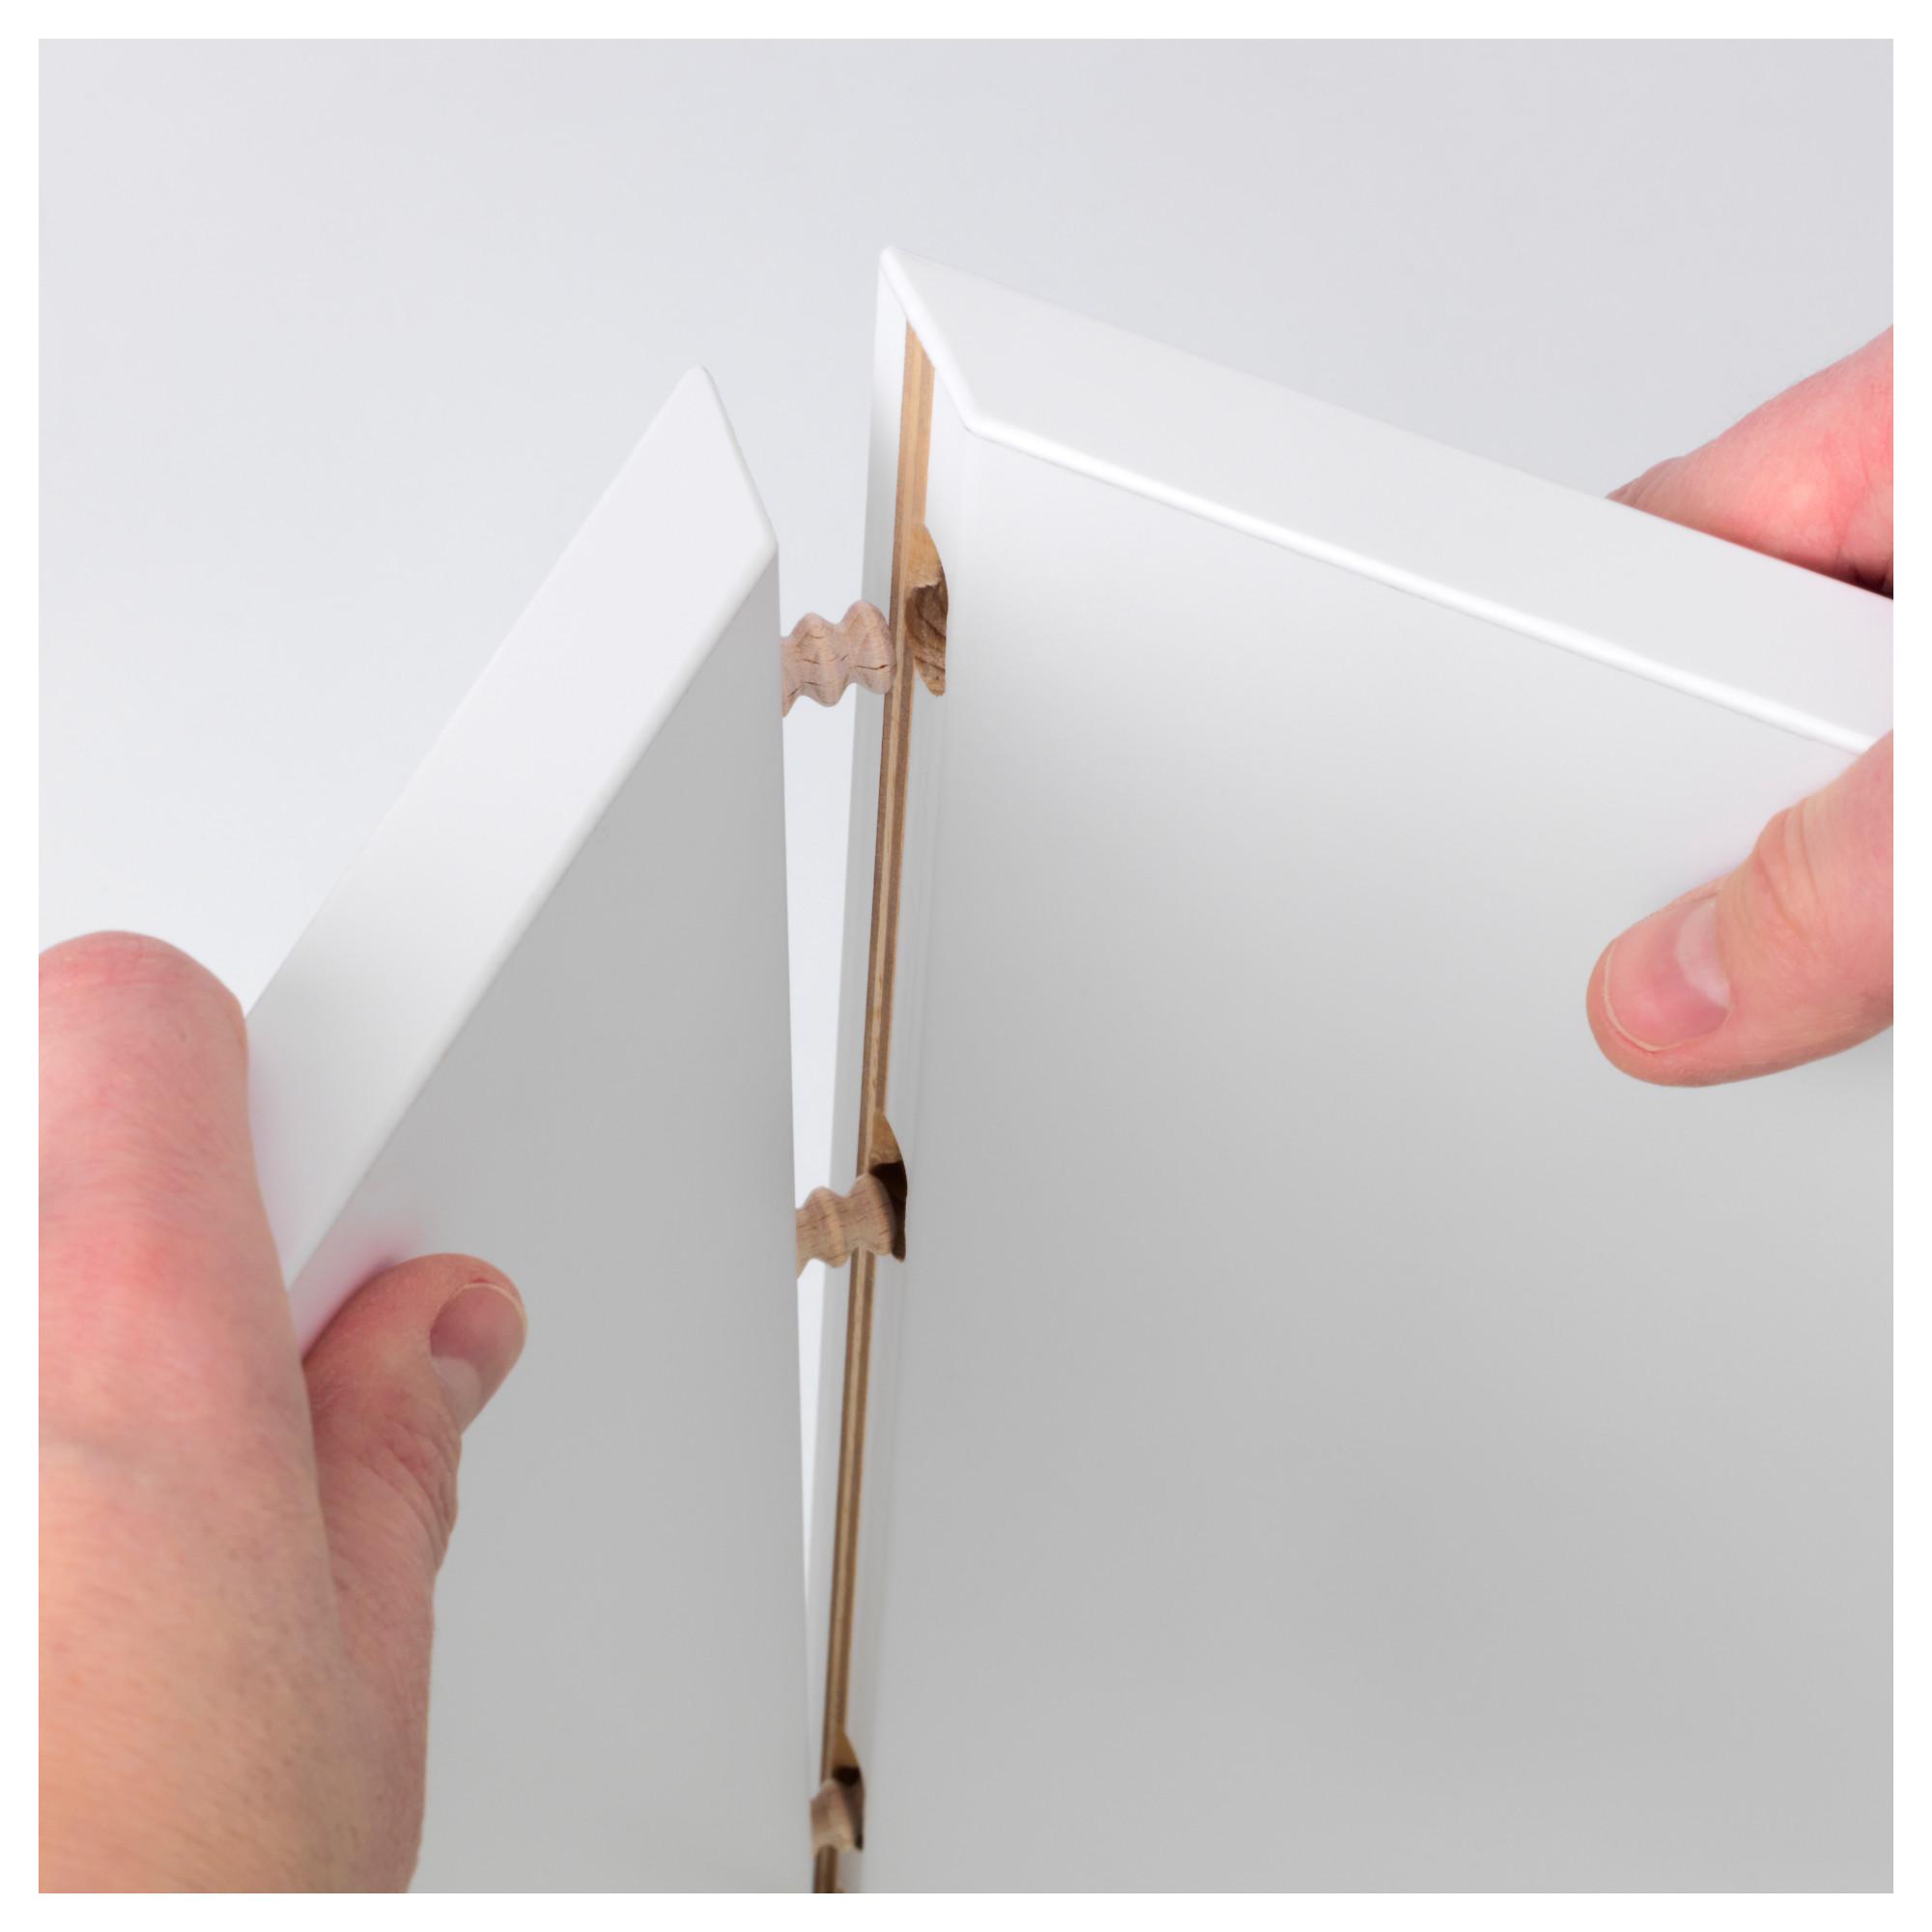 Купить навесной шкафчик вэлье, лиственница белый в ikea (мин.